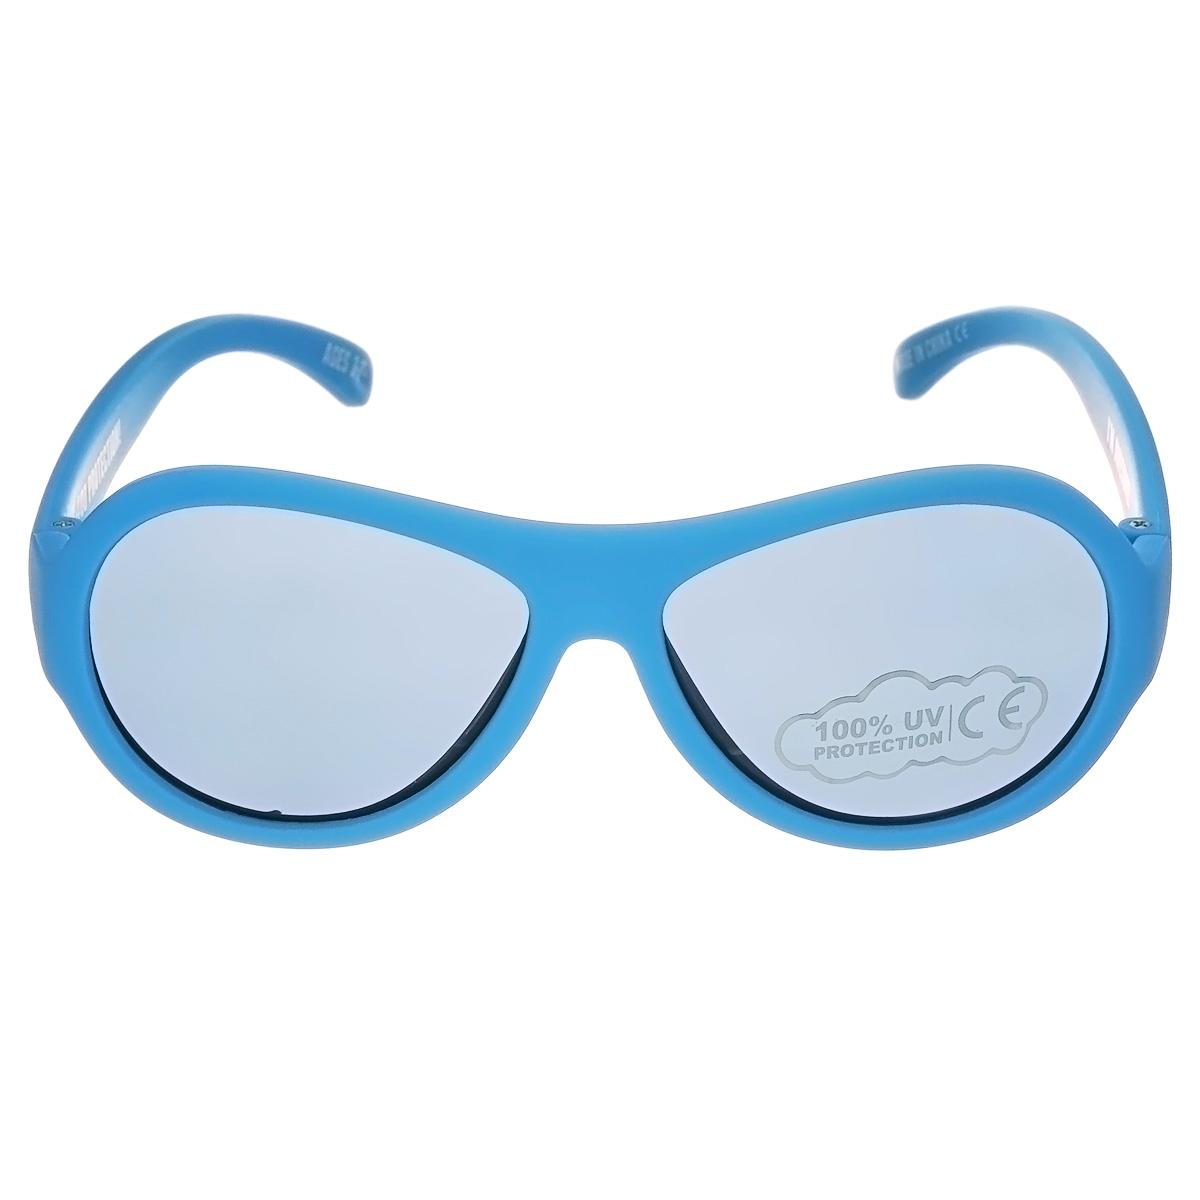 Детские солнцезащитные очки Babiators Пляж (Beach), цвет: голубой, 3-7 летBM8434-58AEЗащита глаз всегда в моде.Вы делаете все возможное, чтобы ваши дети были здоровы и в безопасности. Шлемы для езды на велосипеде, солнцезащитный крем для прогулок на солнце... Но как насчёт влияния солнца на глаза вашего ребёнка? Правда в том, что сетчатка глаза у детей развивается вместе с самим ребёнком. Это означает, что глаза малышей не могут отфильтровать УФ-излучение. Добавьте к этому тот факт, что дети за год получают трёхкратную дозу солнечного воздействия на взрослого человека (доклад Vision Council Report 2013, США). Проблема понятна - детям нужна настоящая защита, чтобы глазка были в безопасности, а зрение сильным.Каждая пара солнцезащитных очков Babiators для детей обеспечивает 100% защиту от UVA и UVB. Прочные линзы высшего качества не подведут в самых сложных переделках. В отличие от обычных пластиковых очков, Babiators выполнены из гибкой резины, что делает их ударопрочными.Будьте уверены, что очки Babiators созданы безопасными, прочными и классными, так что вы и ваш маленький лётчик можете приступать к своим приключениям!